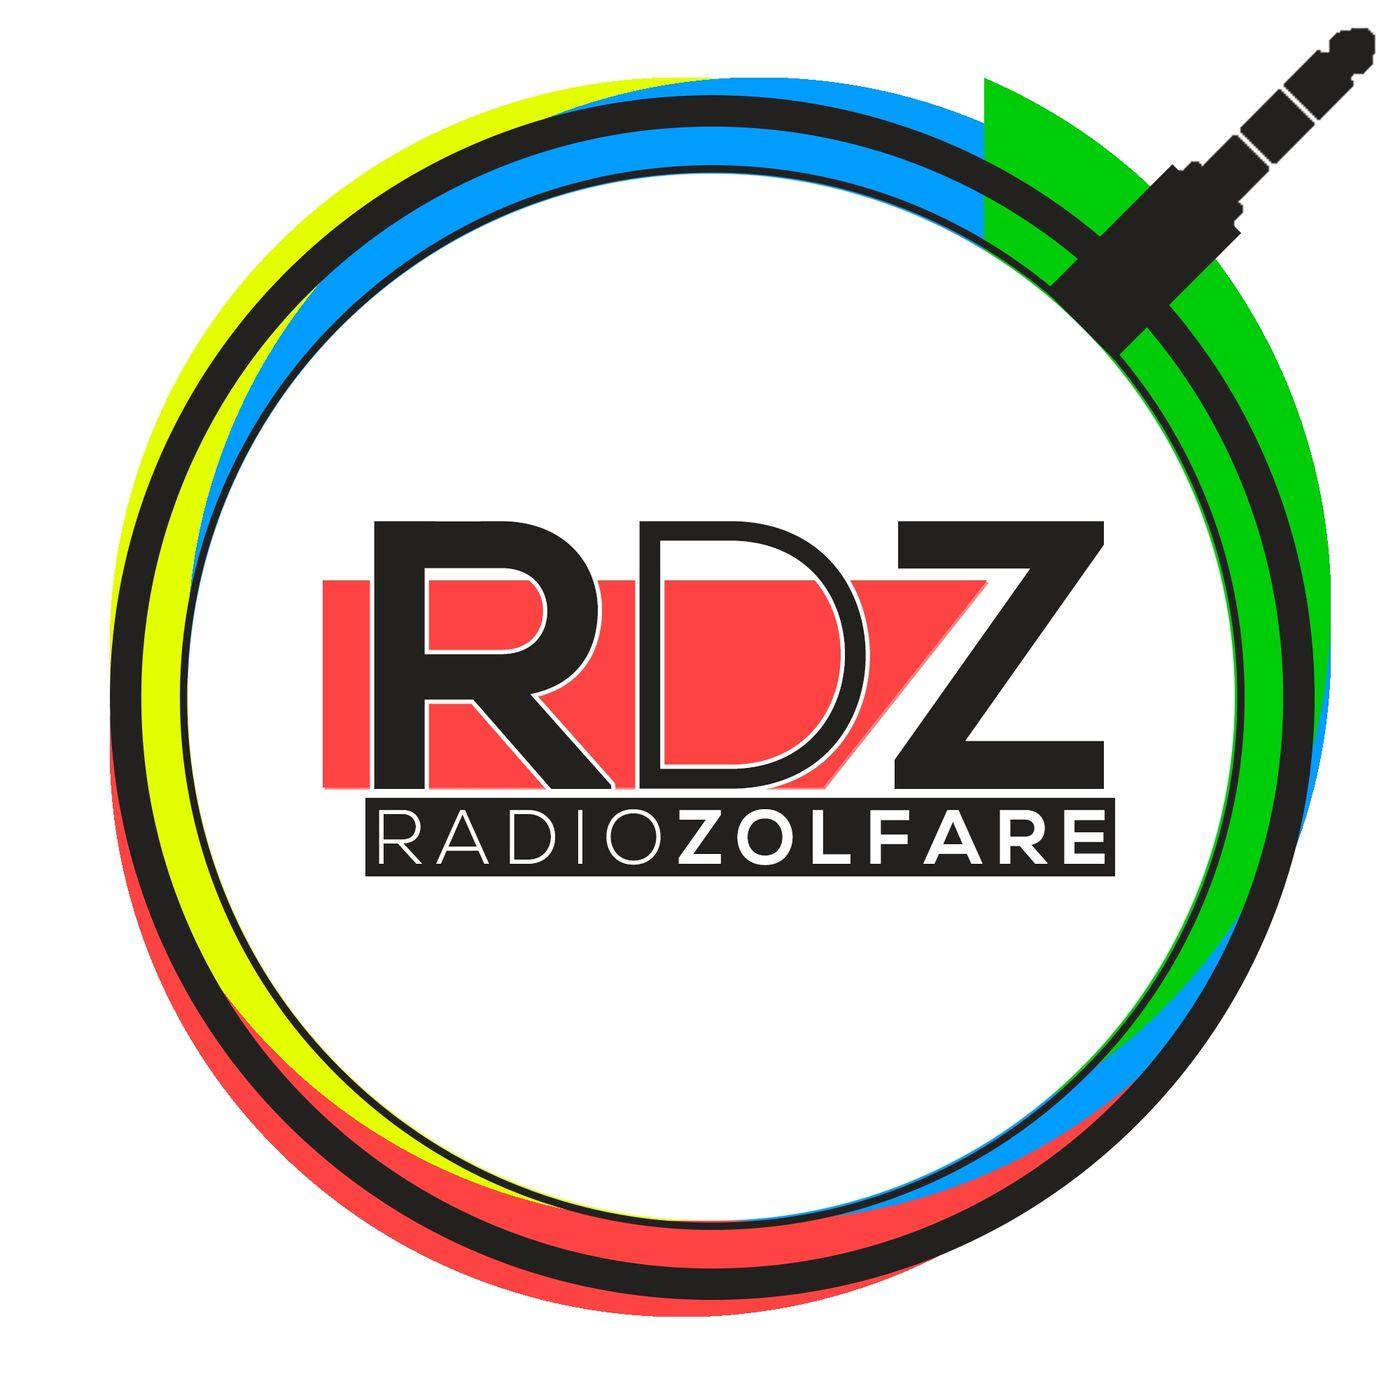 Radio Zolfare